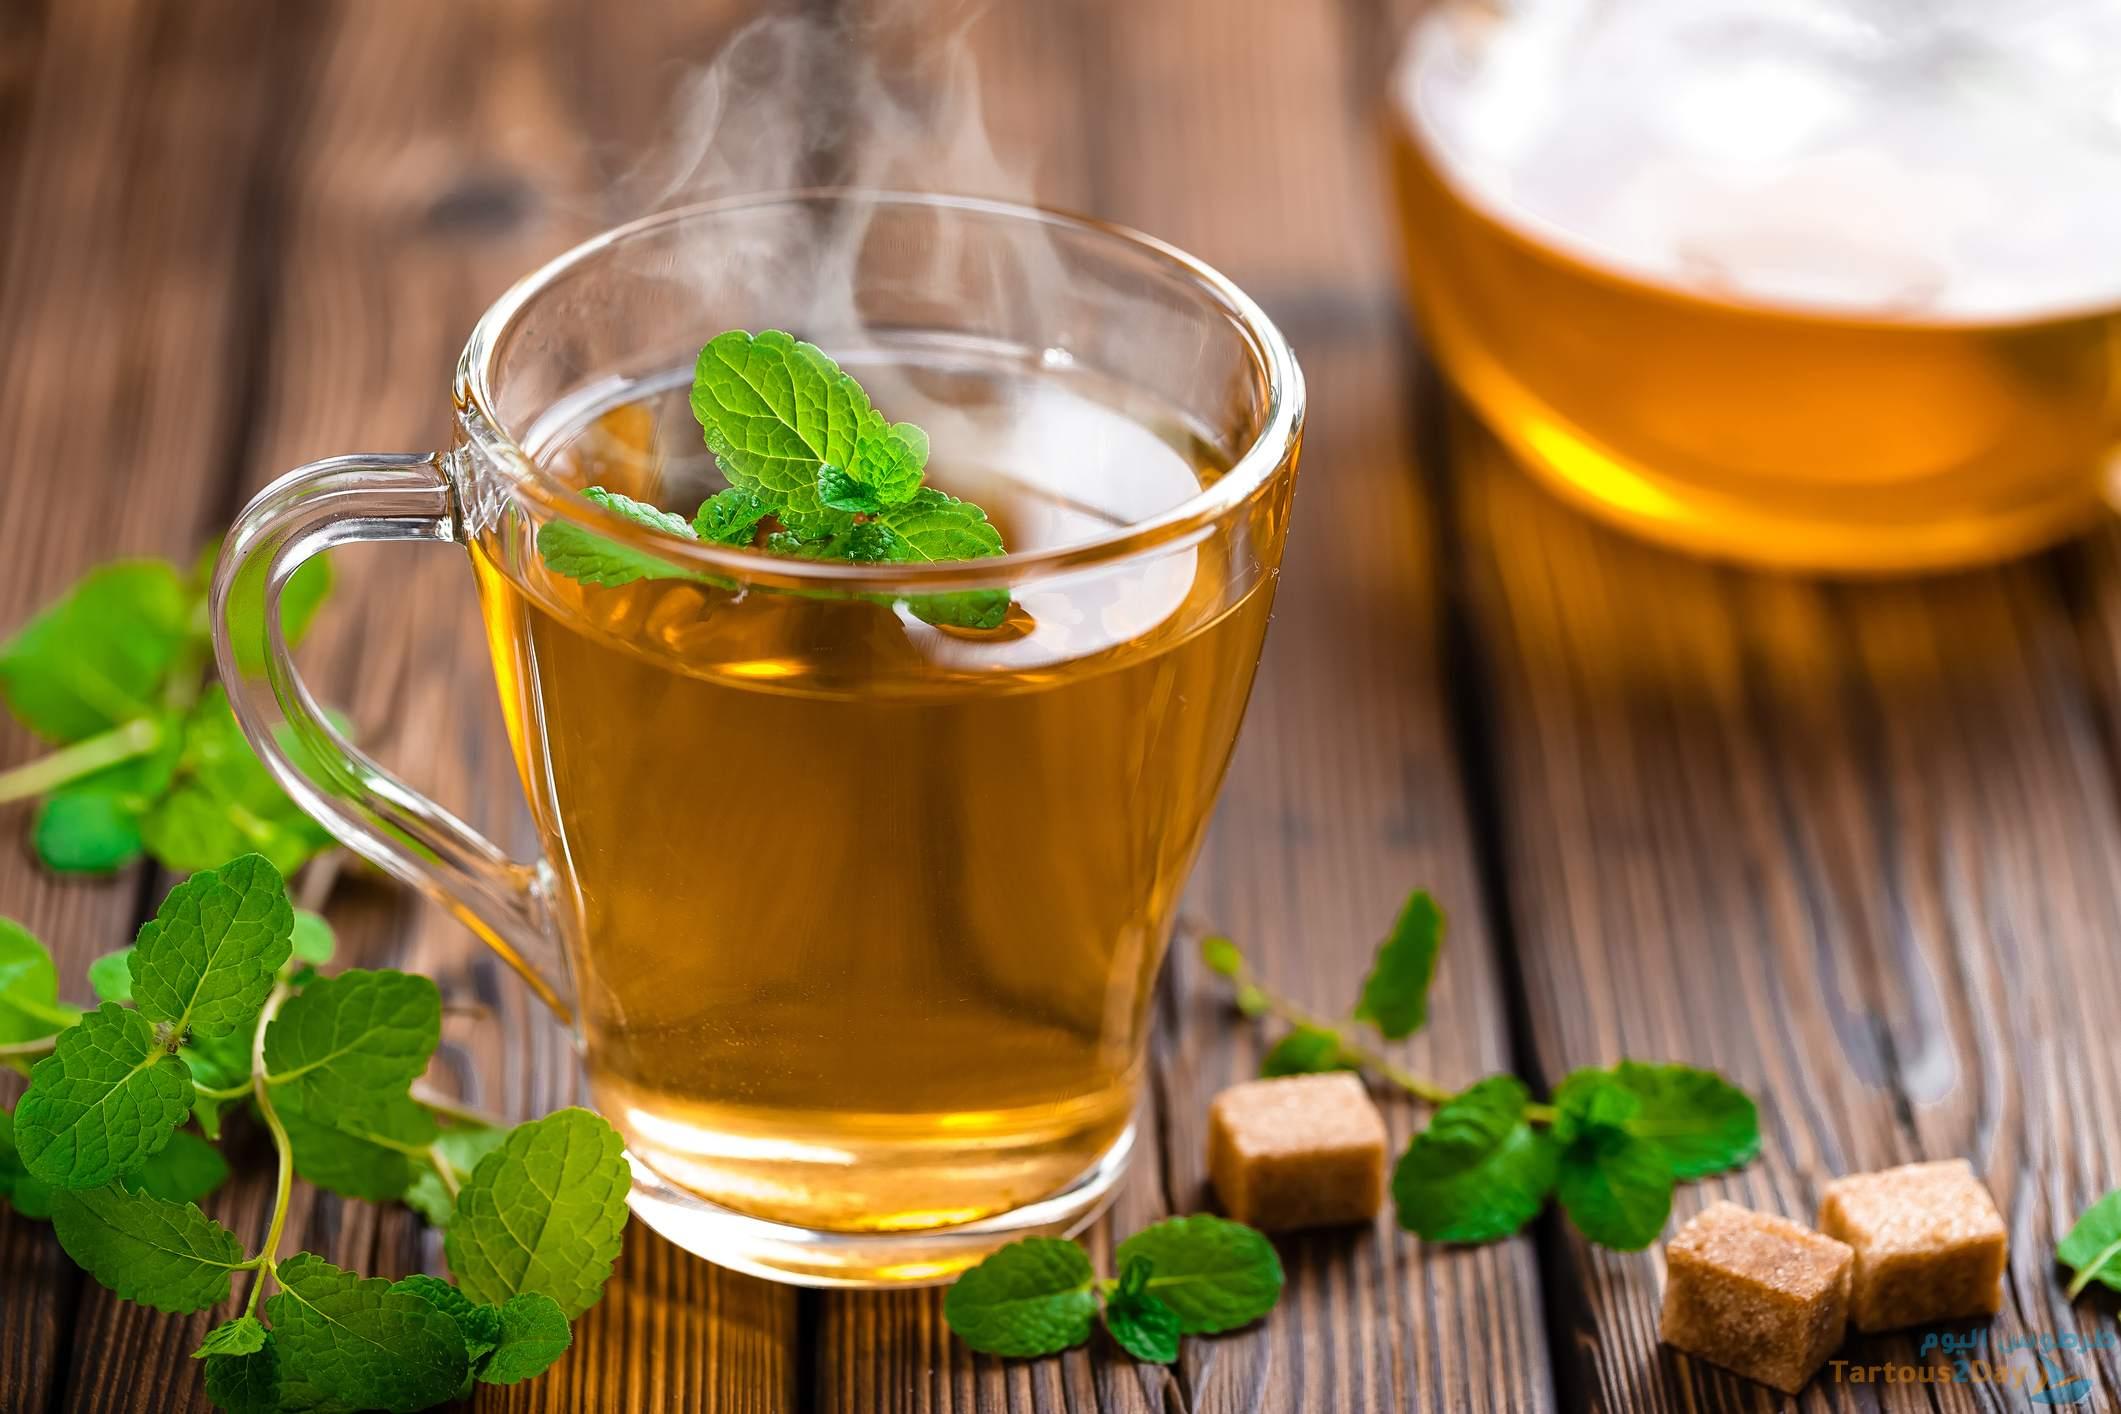 الشاي الاخضر للوقاية من السرطان والسكتة الدماغية